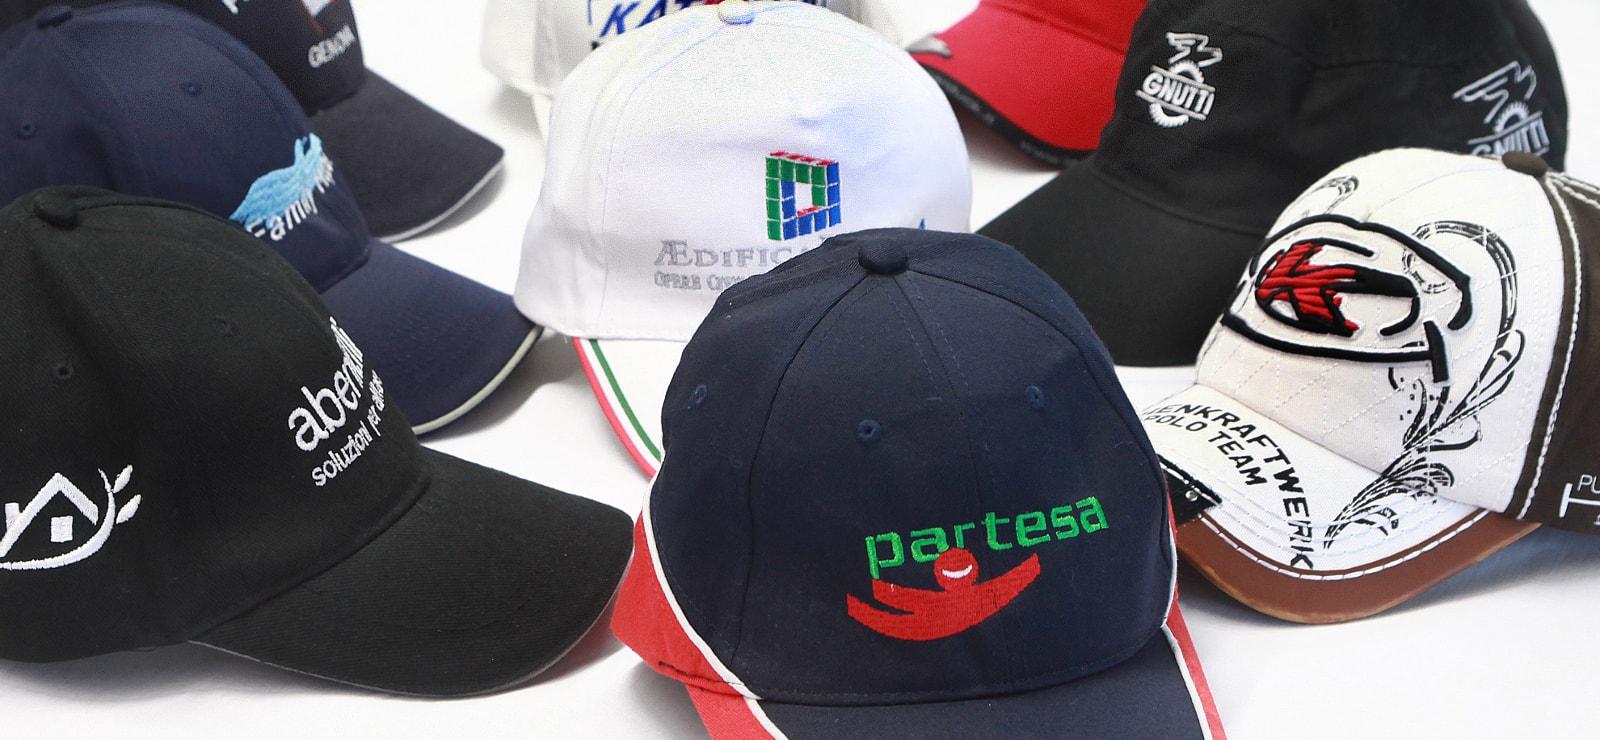 Gadget Personalizzati Brescia